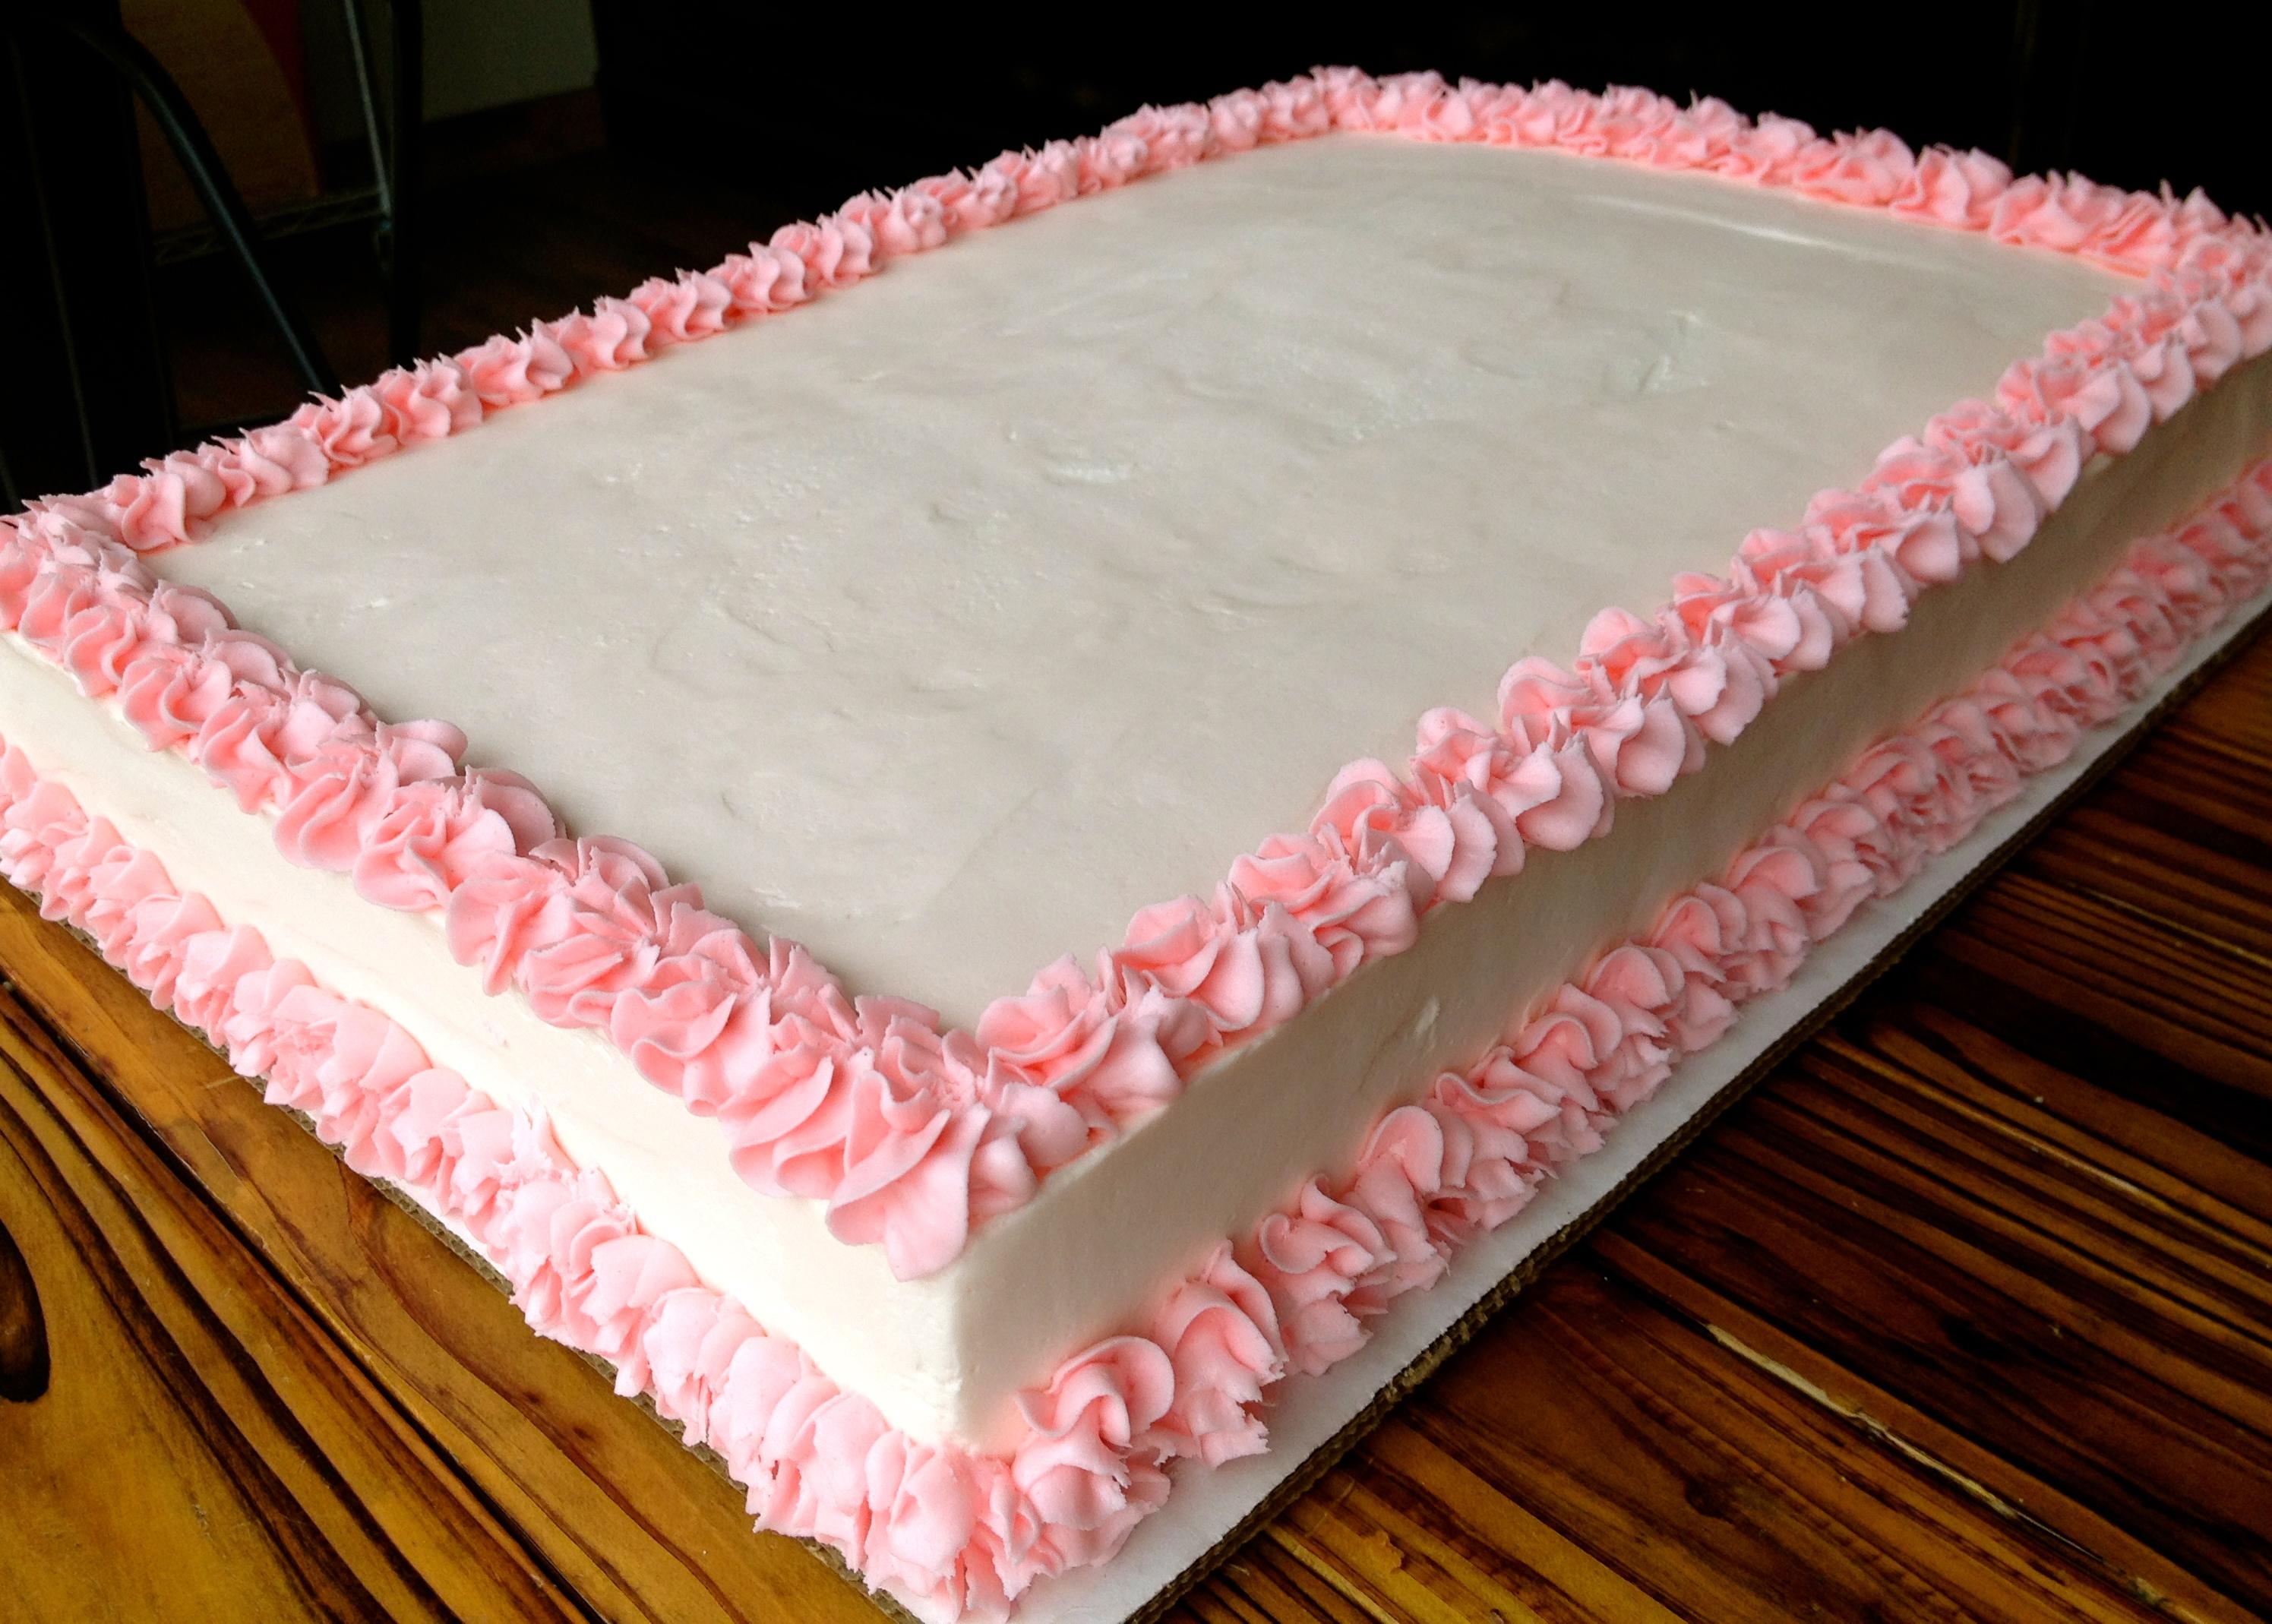 11 Gift Decorated Sheet Cakes Photo - Wedding Sheet Cake Decorating ...